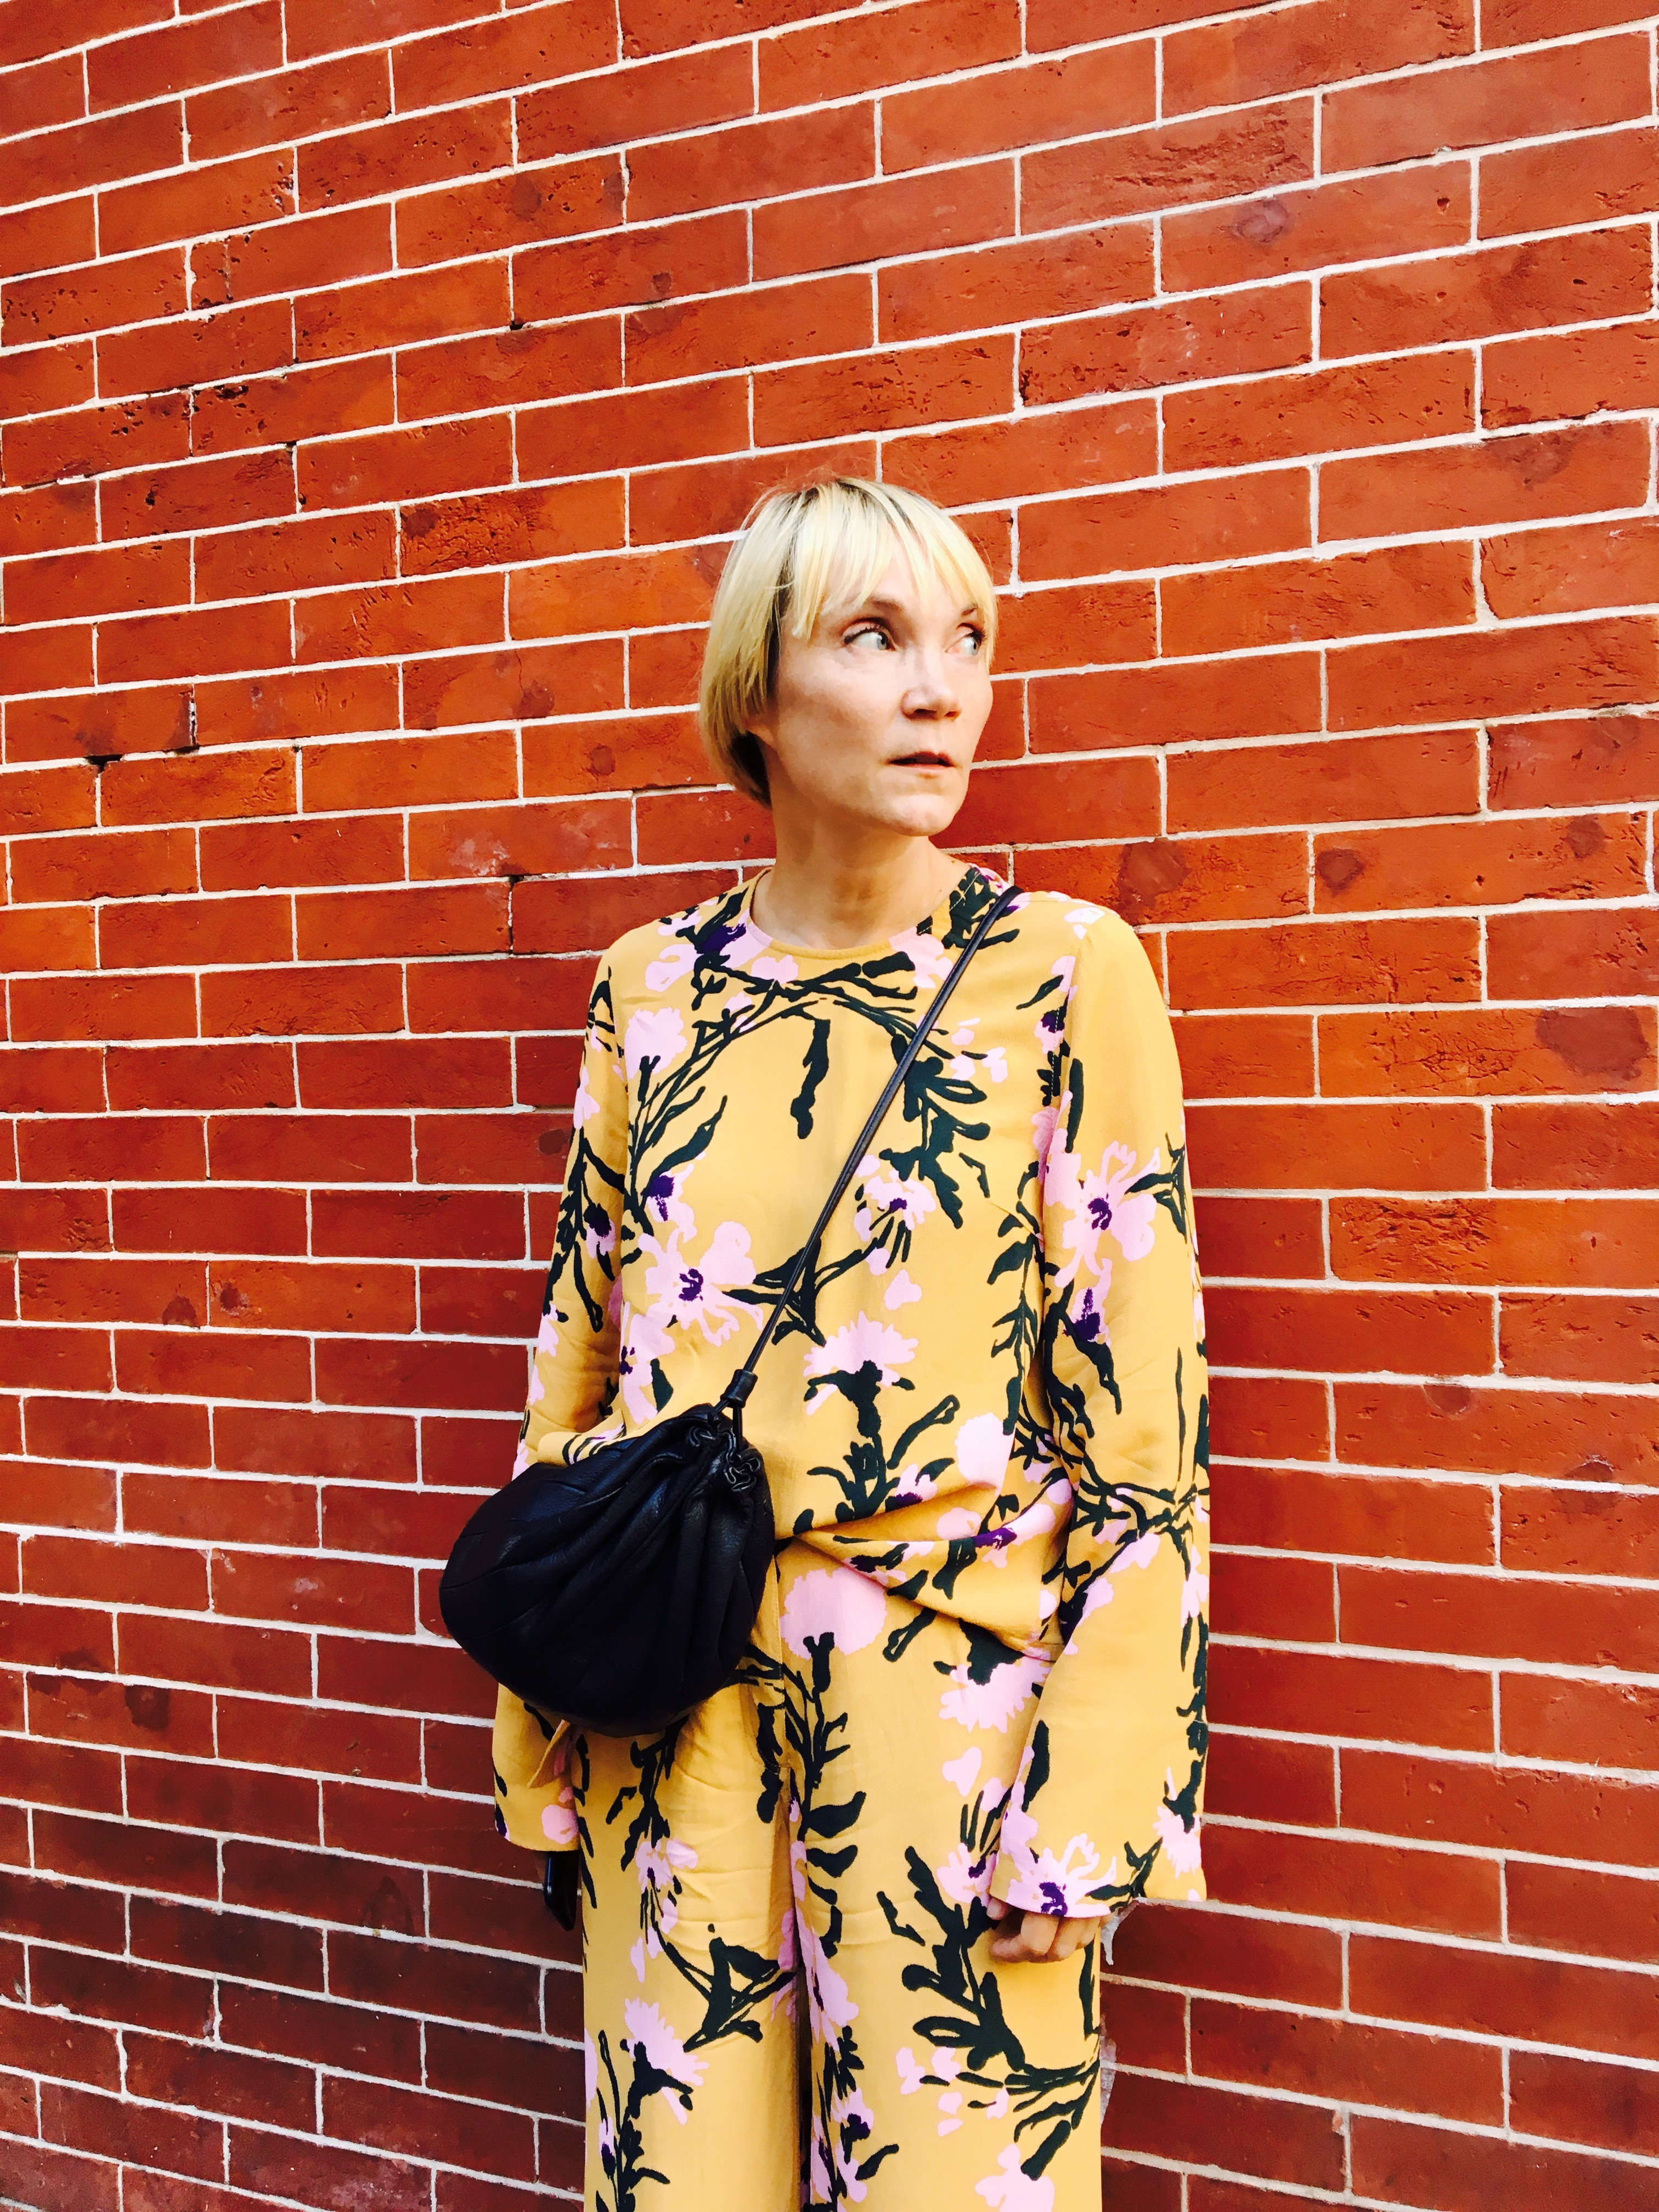 New Yorkin tyylikkäimmät pukeutuvat nyt crocseihin ja teipattuihin lahkeisiin – valokuvaaja Liisa Jokinen tietää, että outo on kaunista